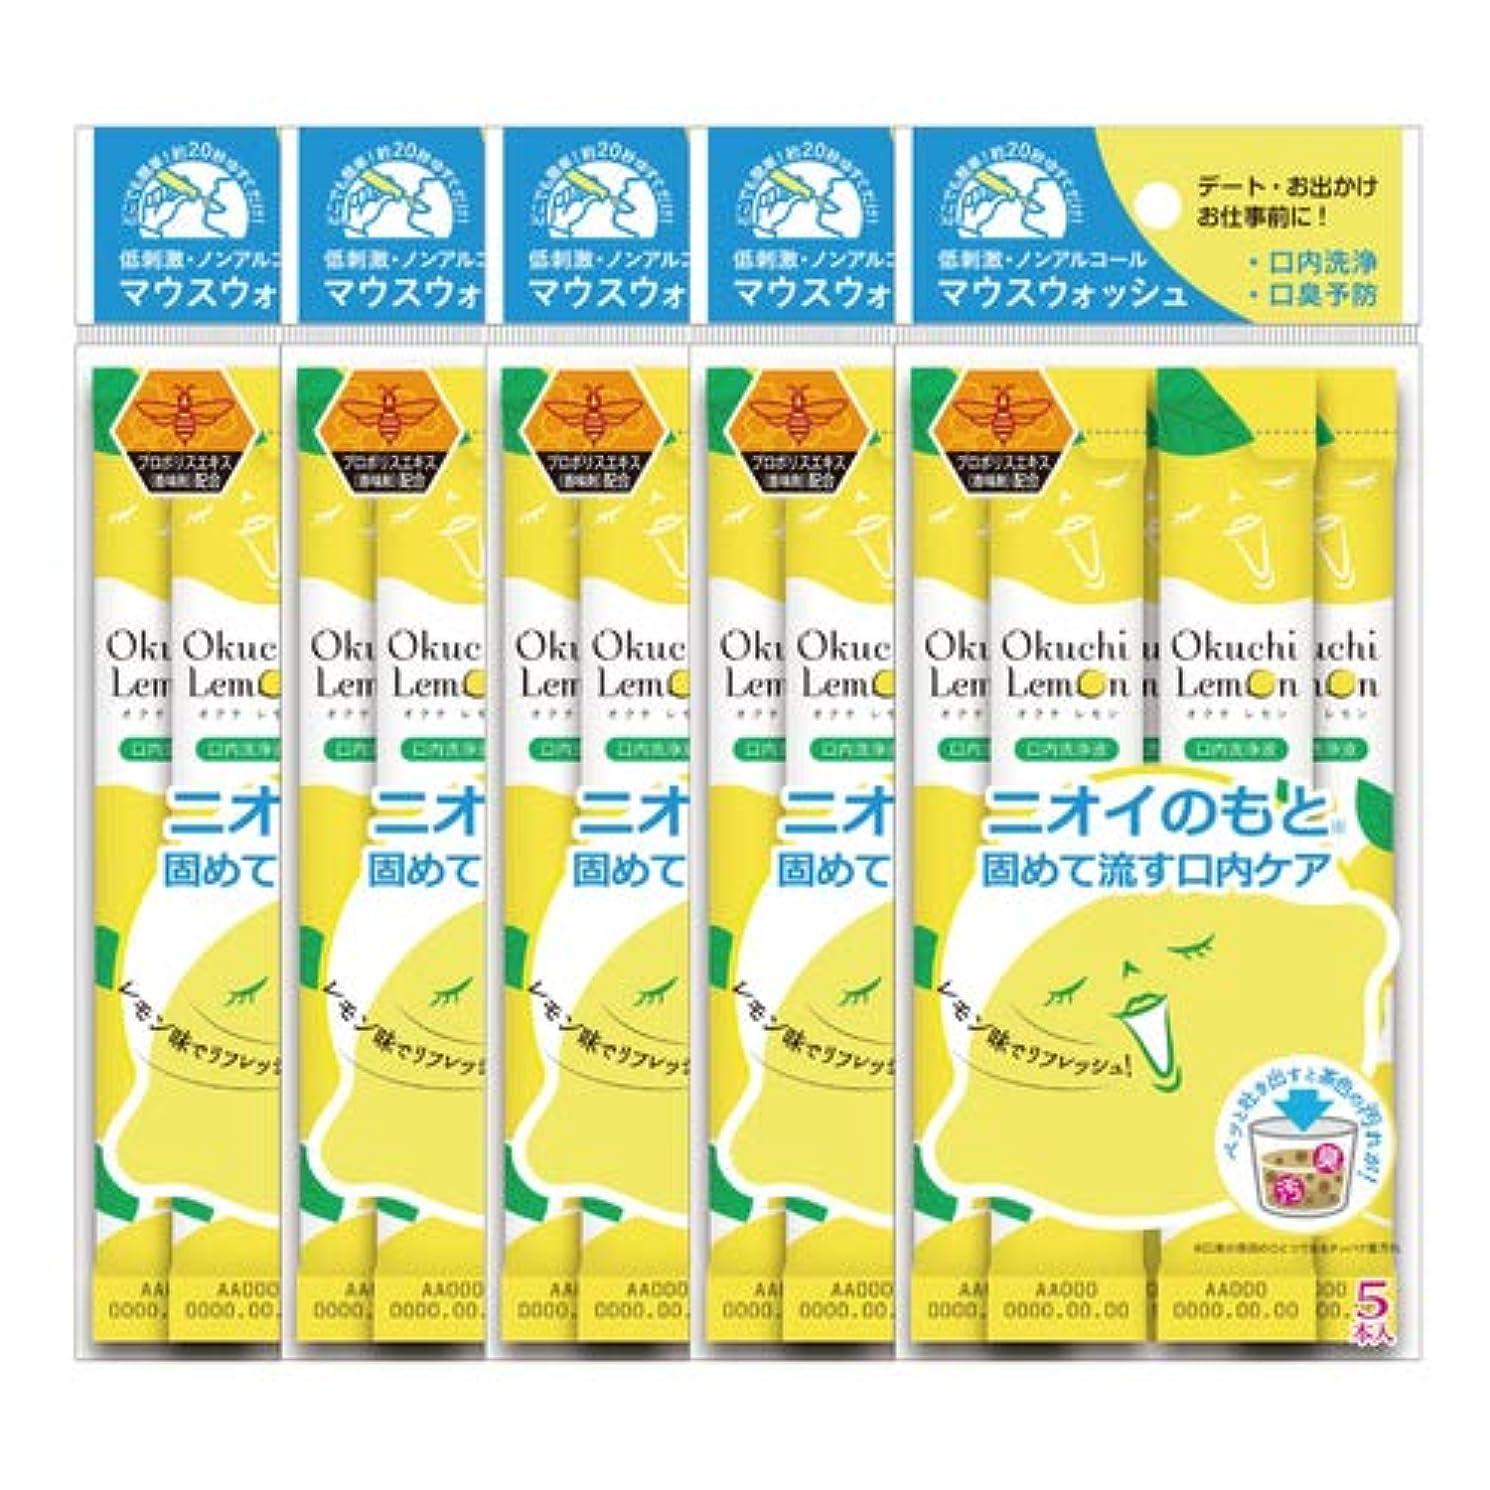 口臭の原因除去マウスウォッシュ オクチレモン 5個セット(5本入り×5個)